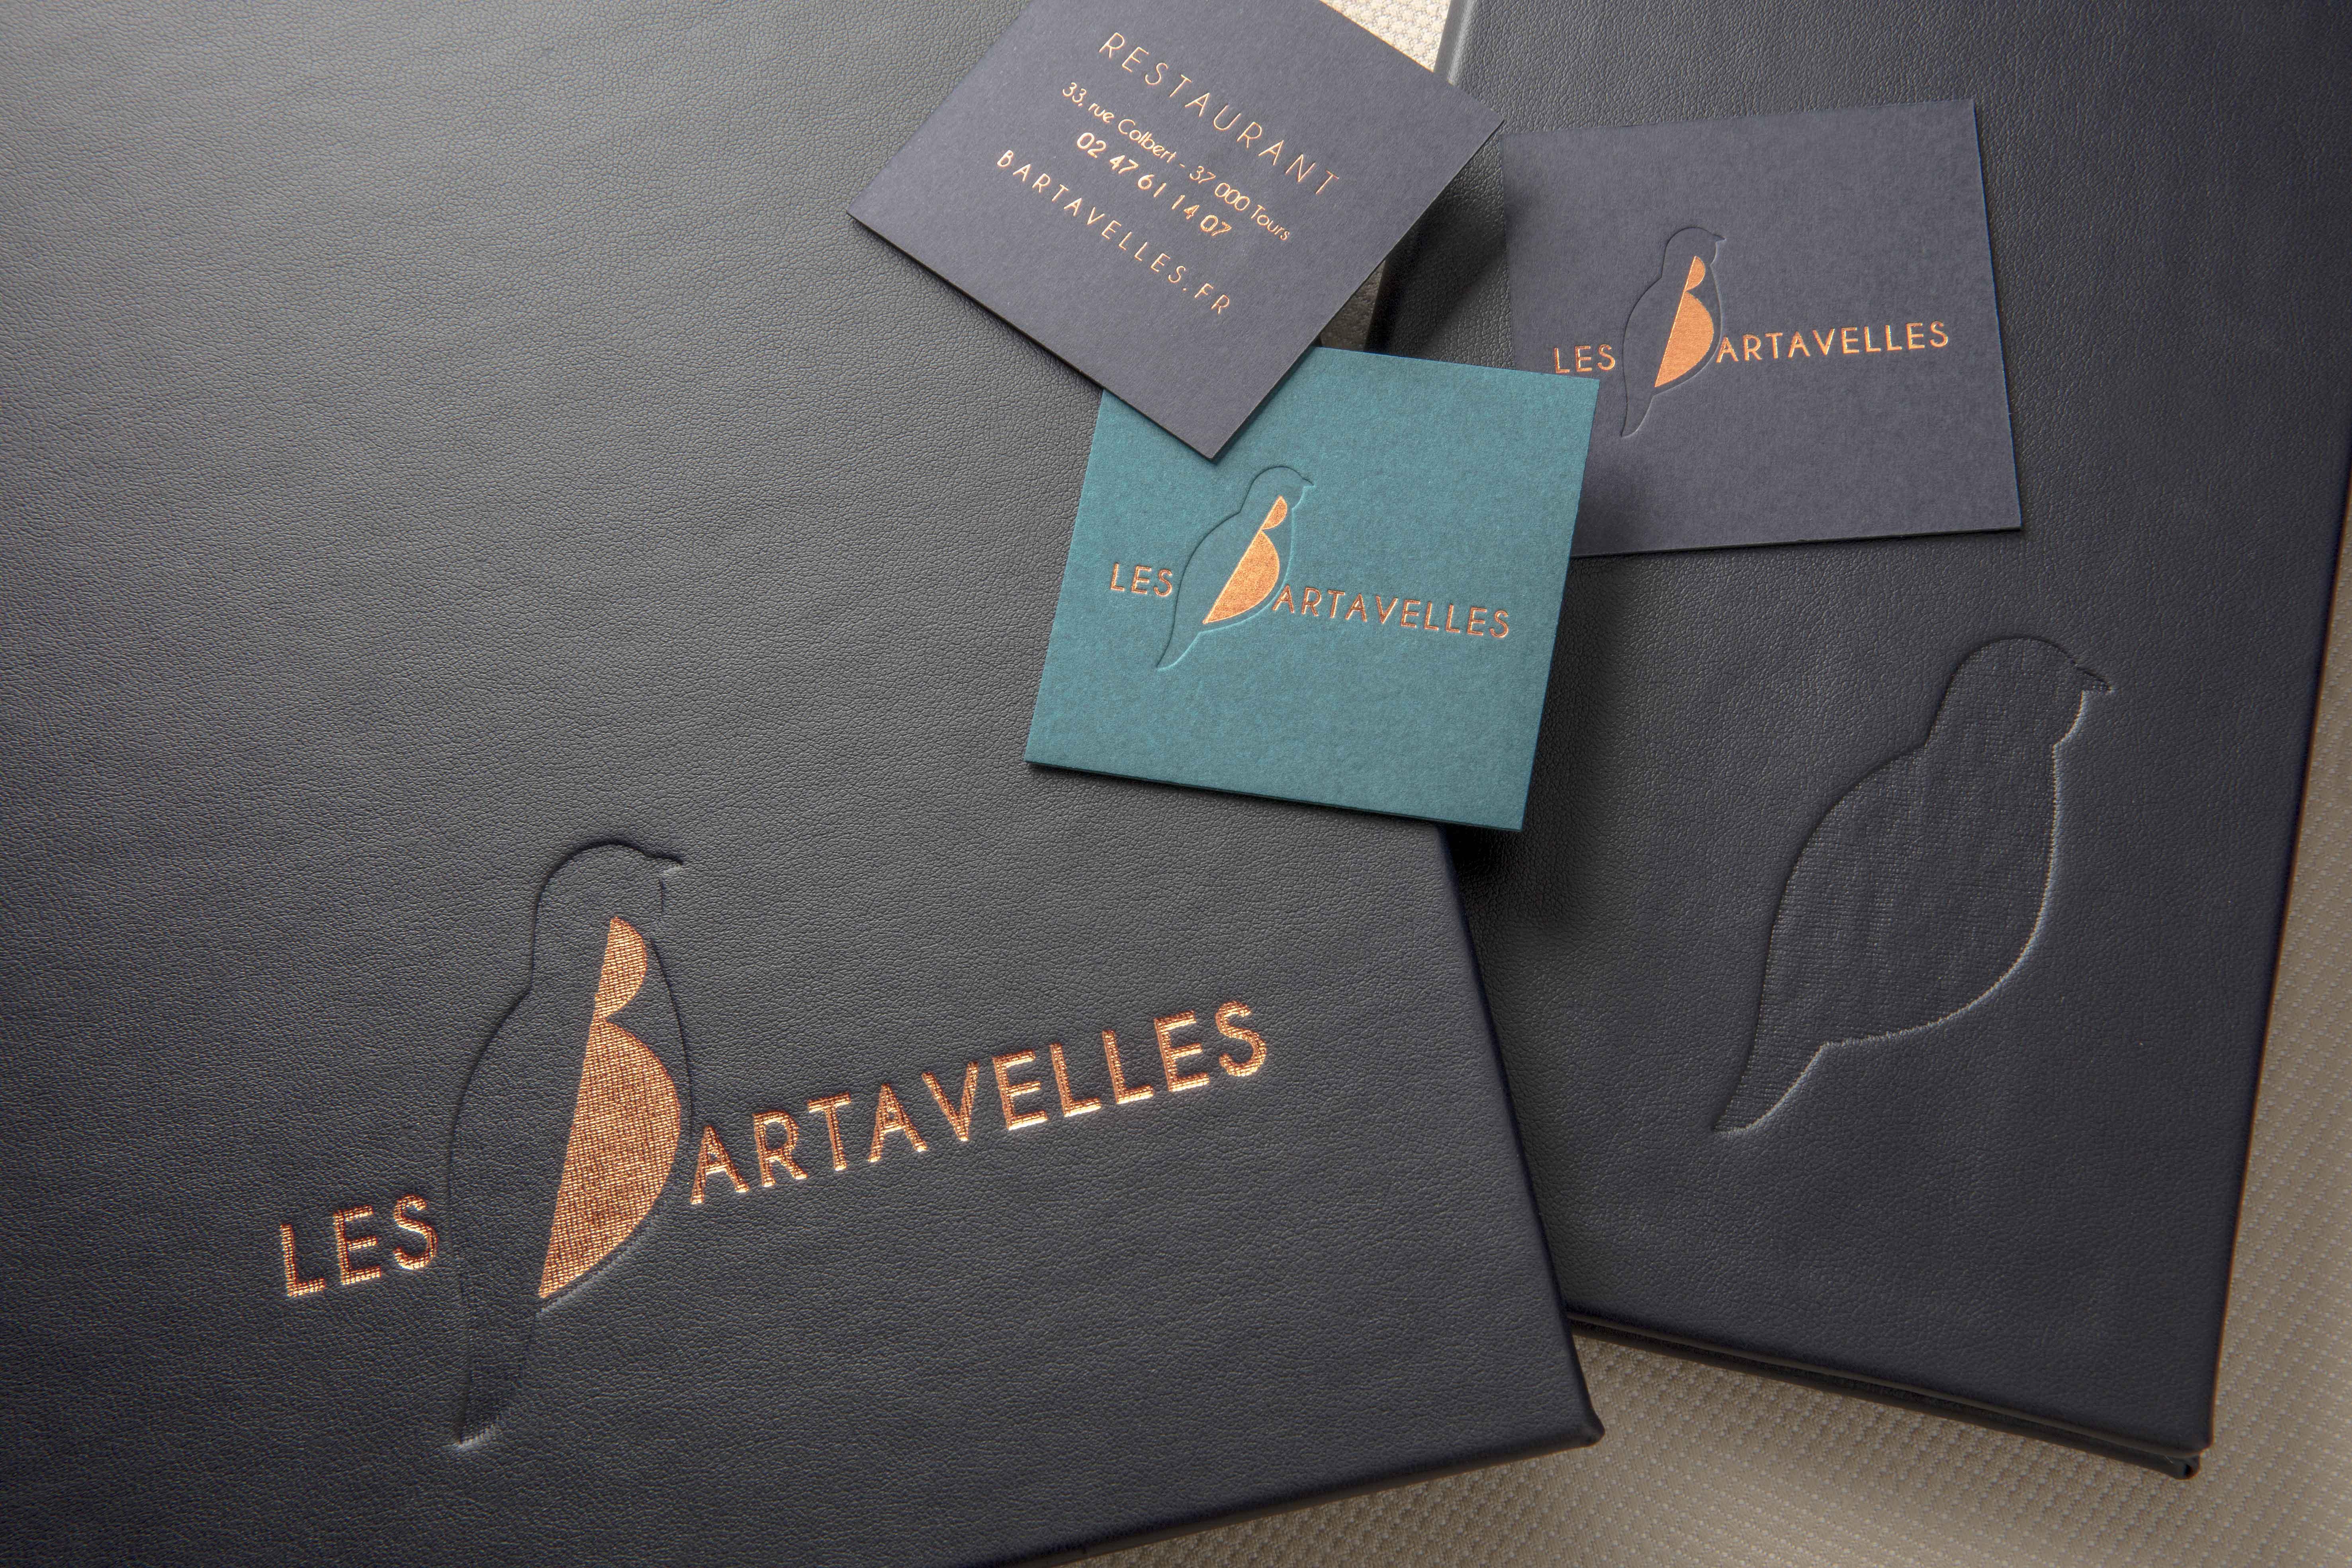 Les Bartavelles